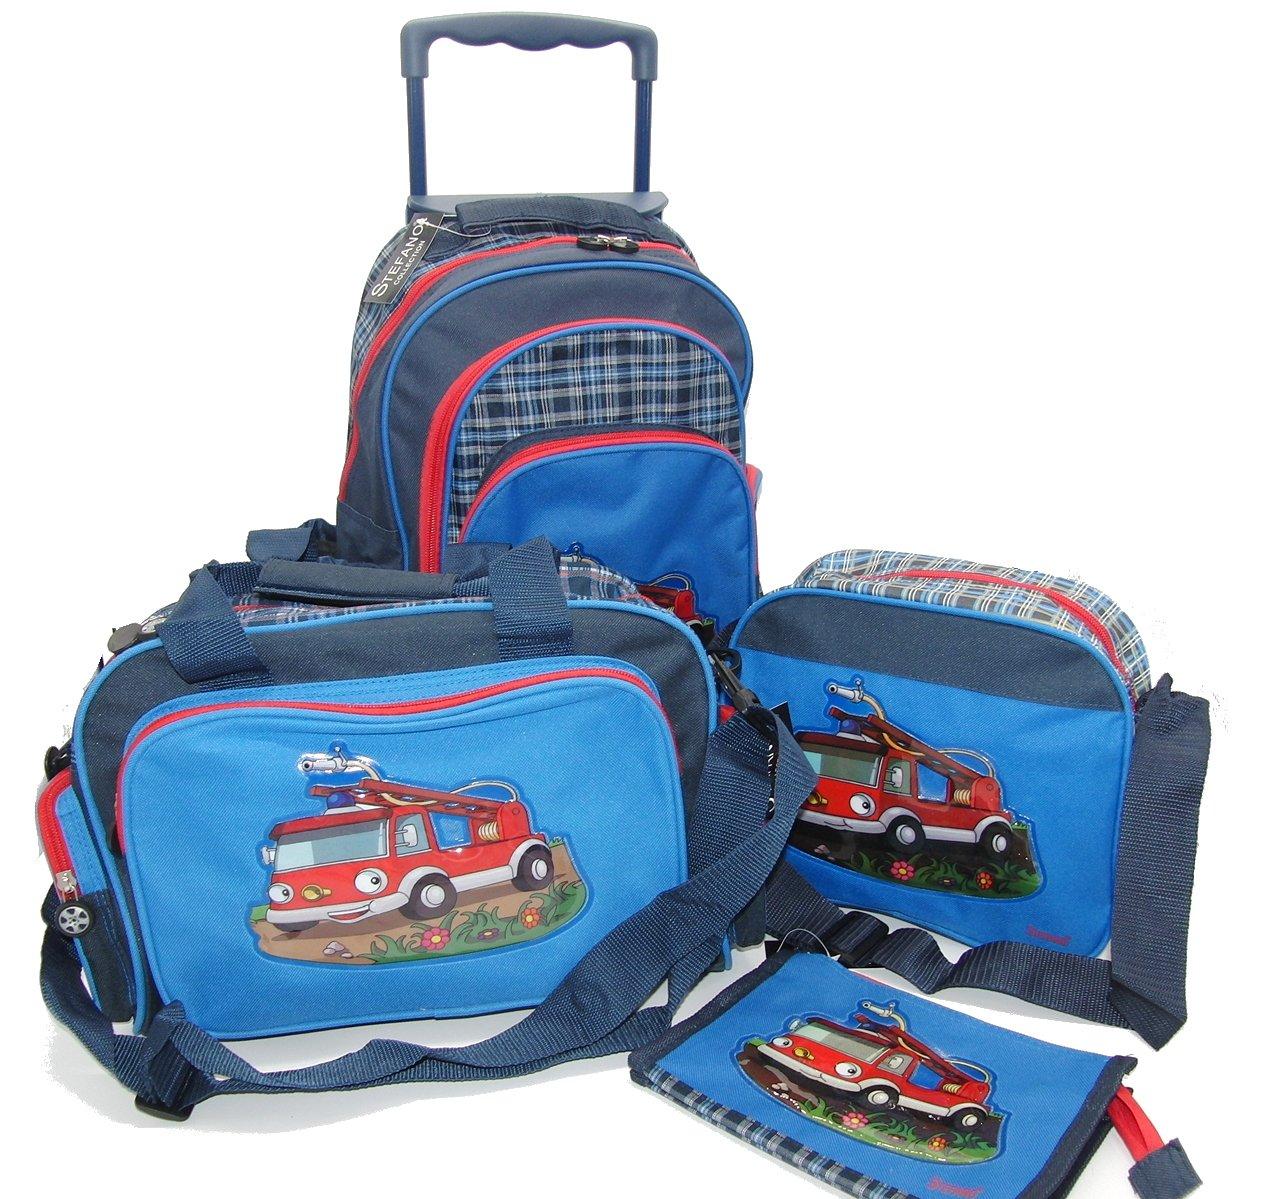 4 tlg. Reiseset: Feuerwehr Trolley + Umhängetasche + Sporttasche + Kosmetiktasche